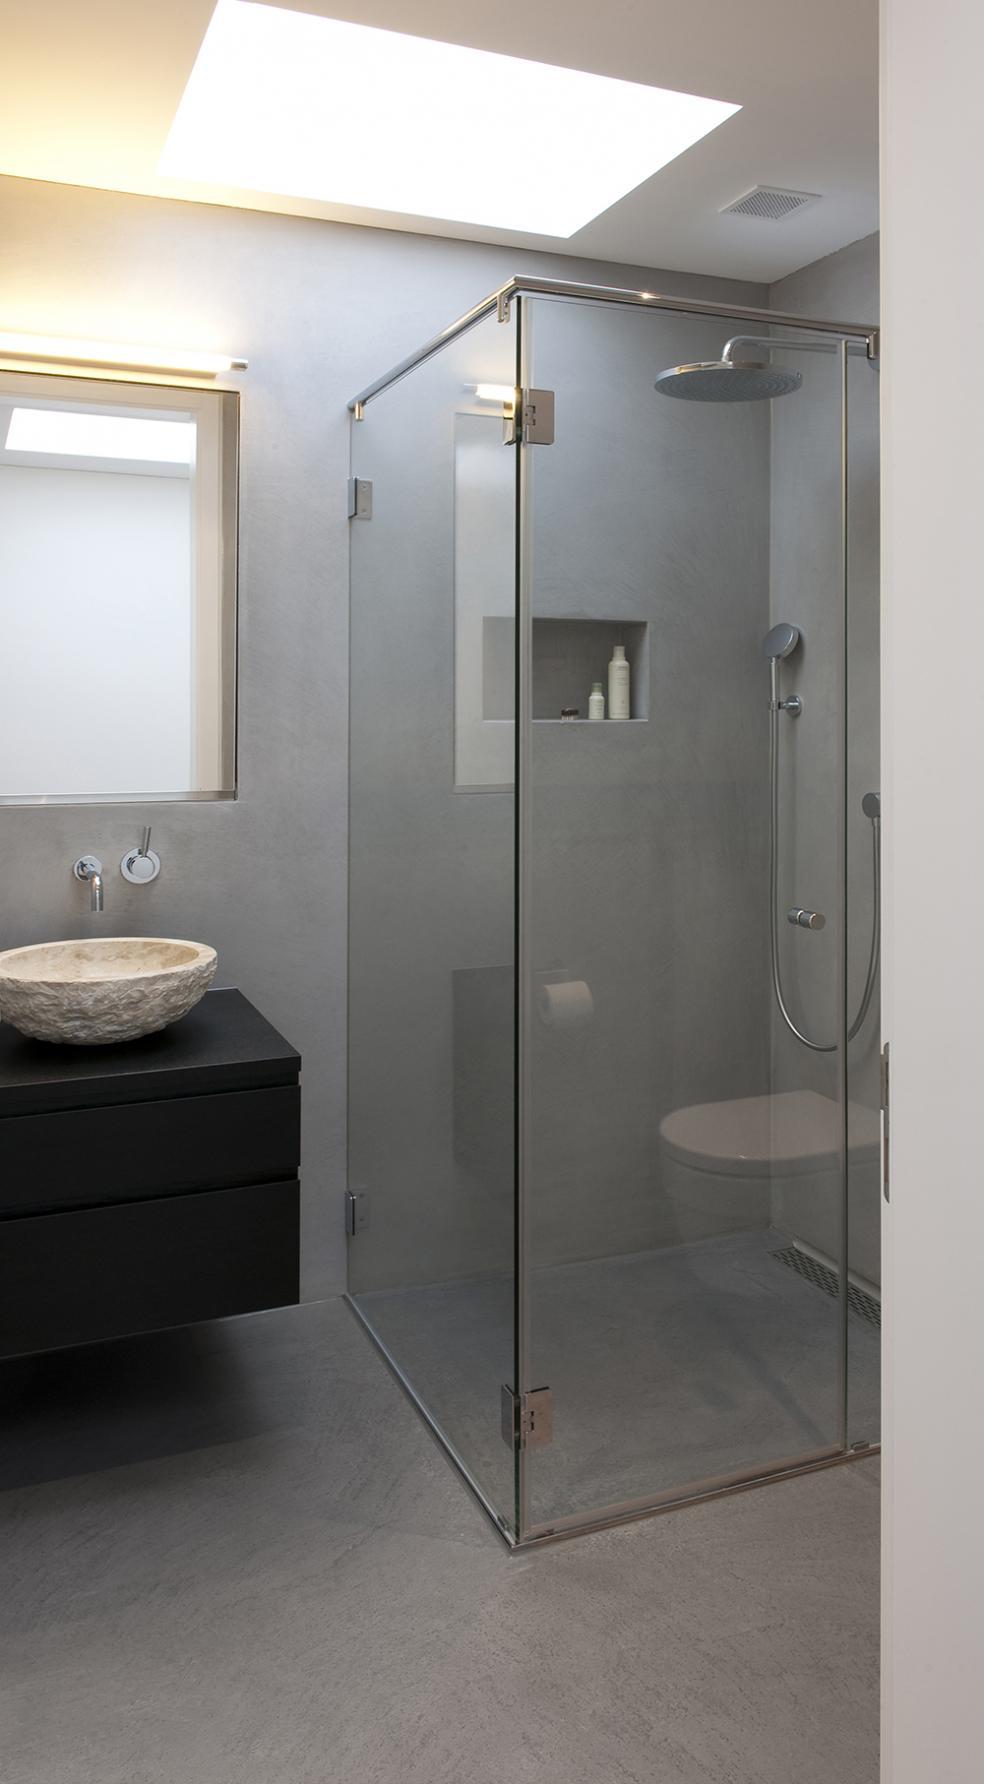 Bodarto Badezimmergestaltung Boden und Wandbelag fr